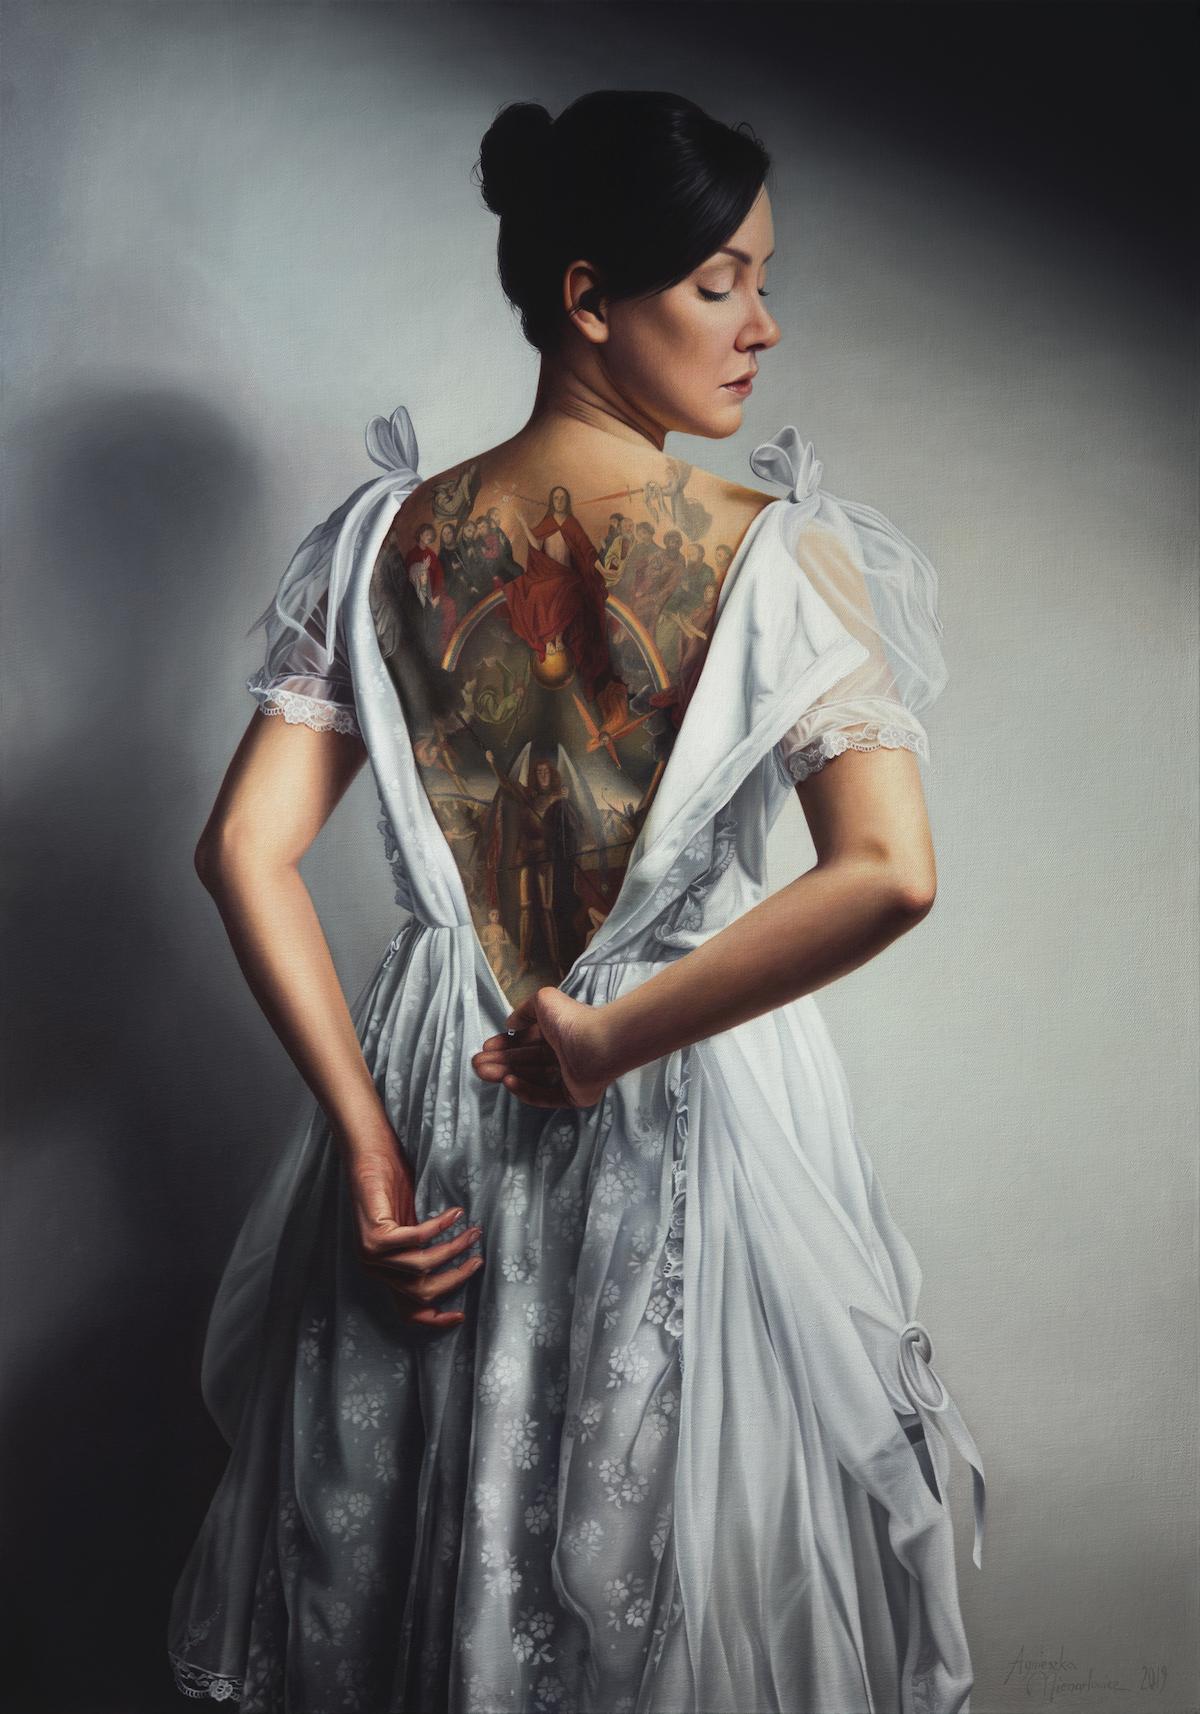 Oil Painting by Agnieszka Nienartowitz